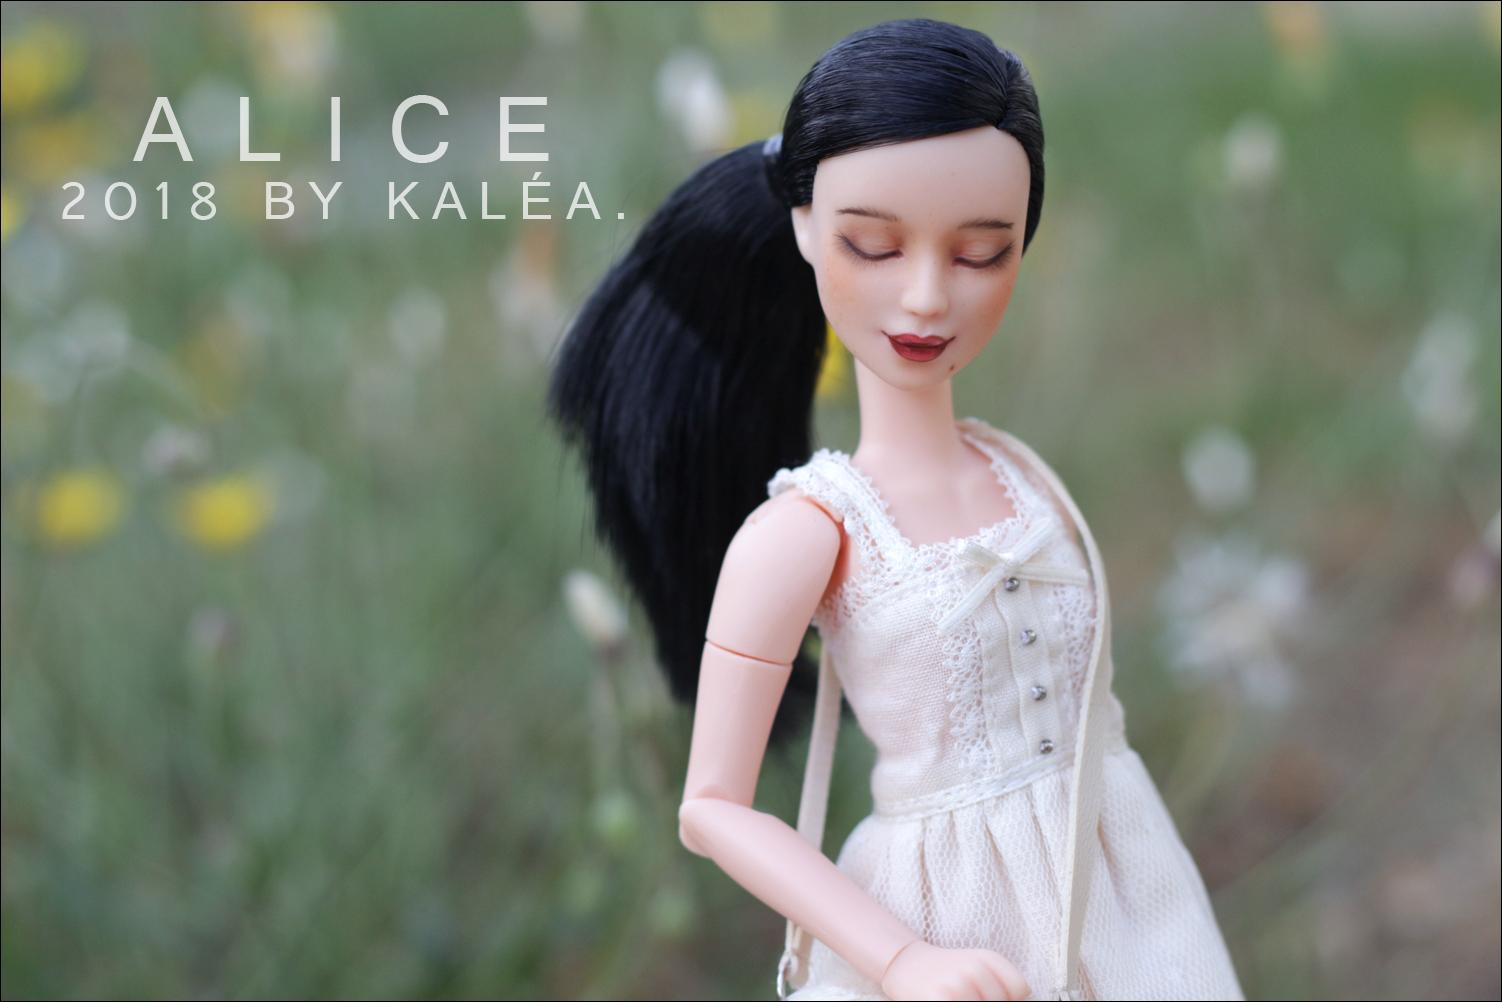 VENDS - Pure neemo, barbie repaint prix baissé - Pullip FC 180802024404697211